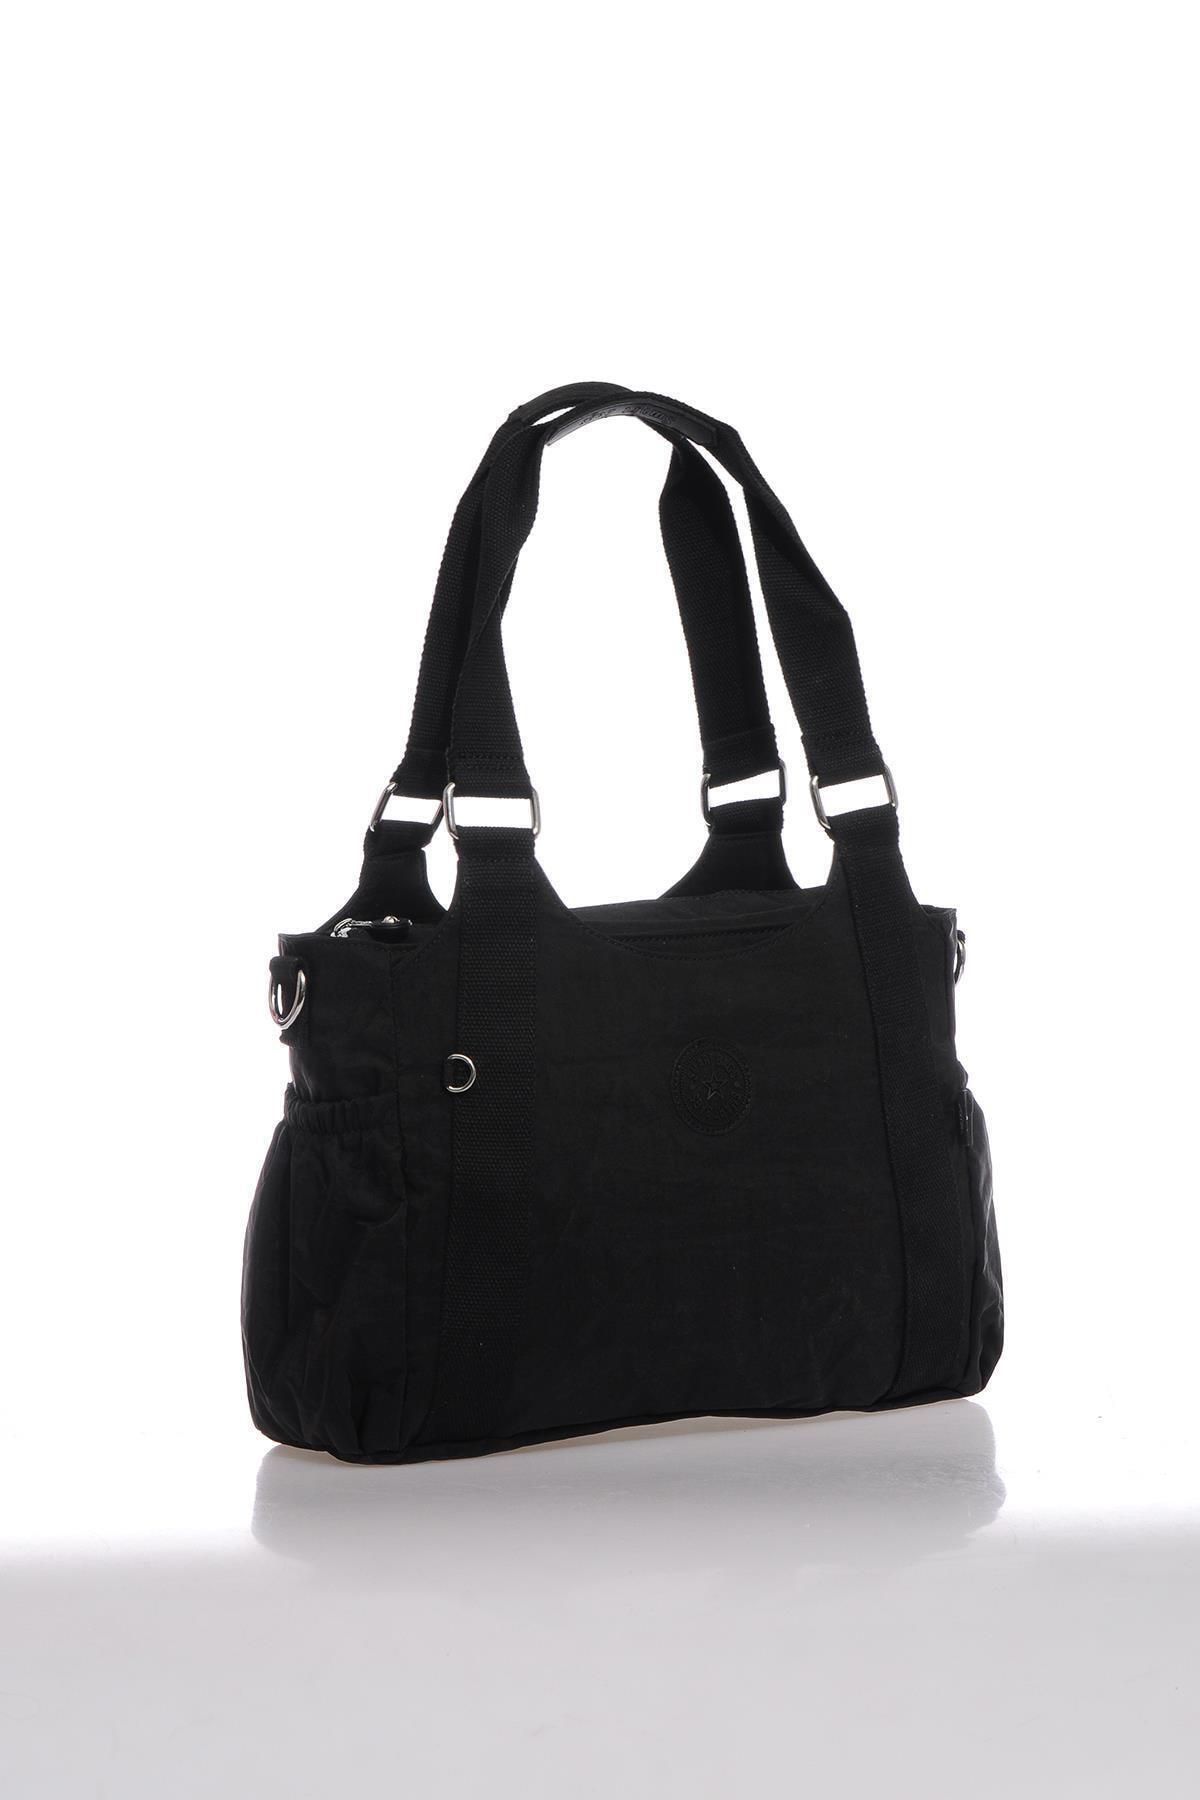 SMART BAGS Kadın Siyah Omuz Çantası Smbk1163-0001 2